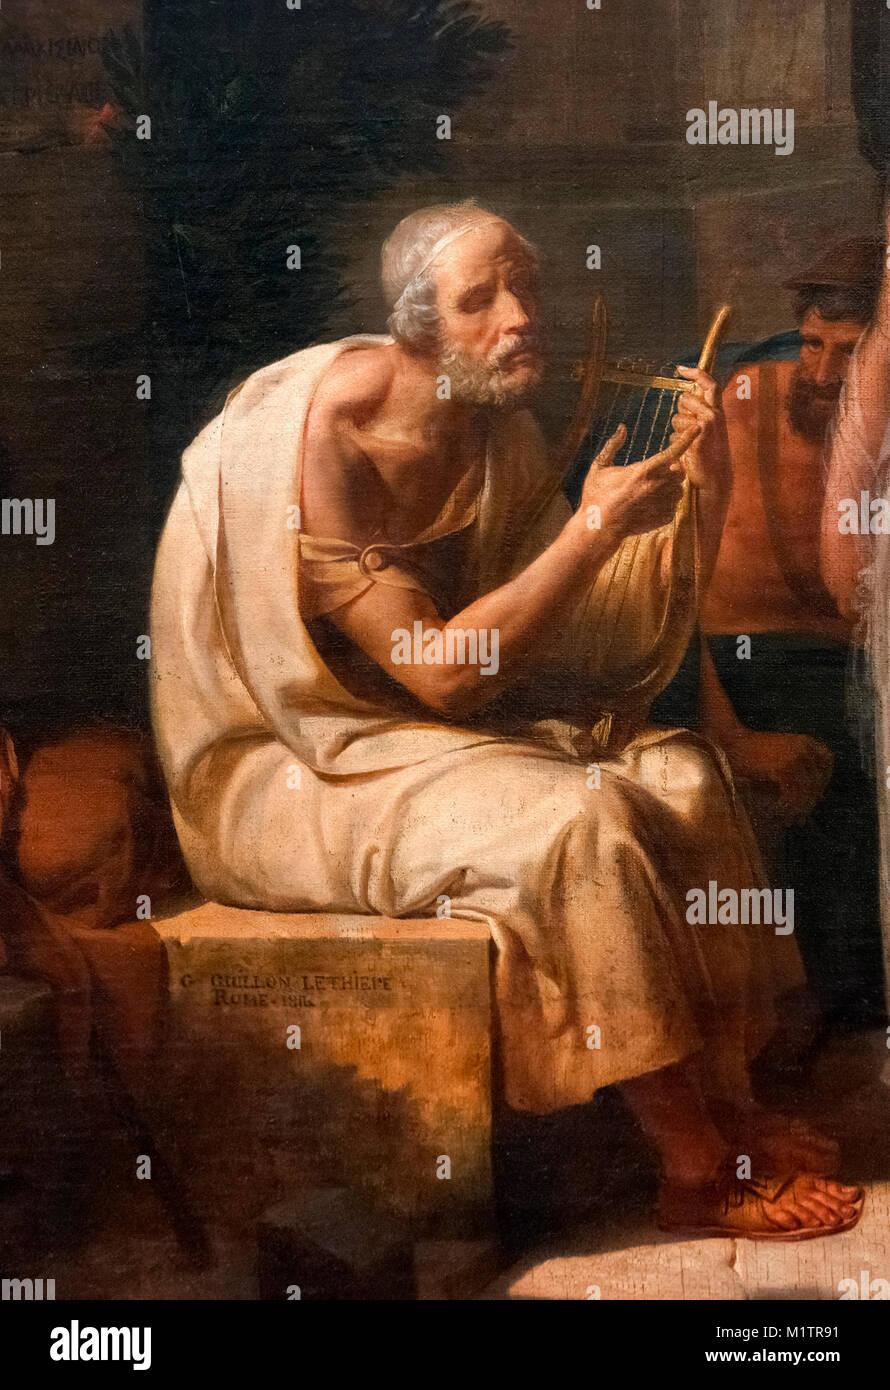 Son chant d'Homère Iliade à l'entrée d'Athènes par Guillaume Lethiere (1760-1832), Photo Stock